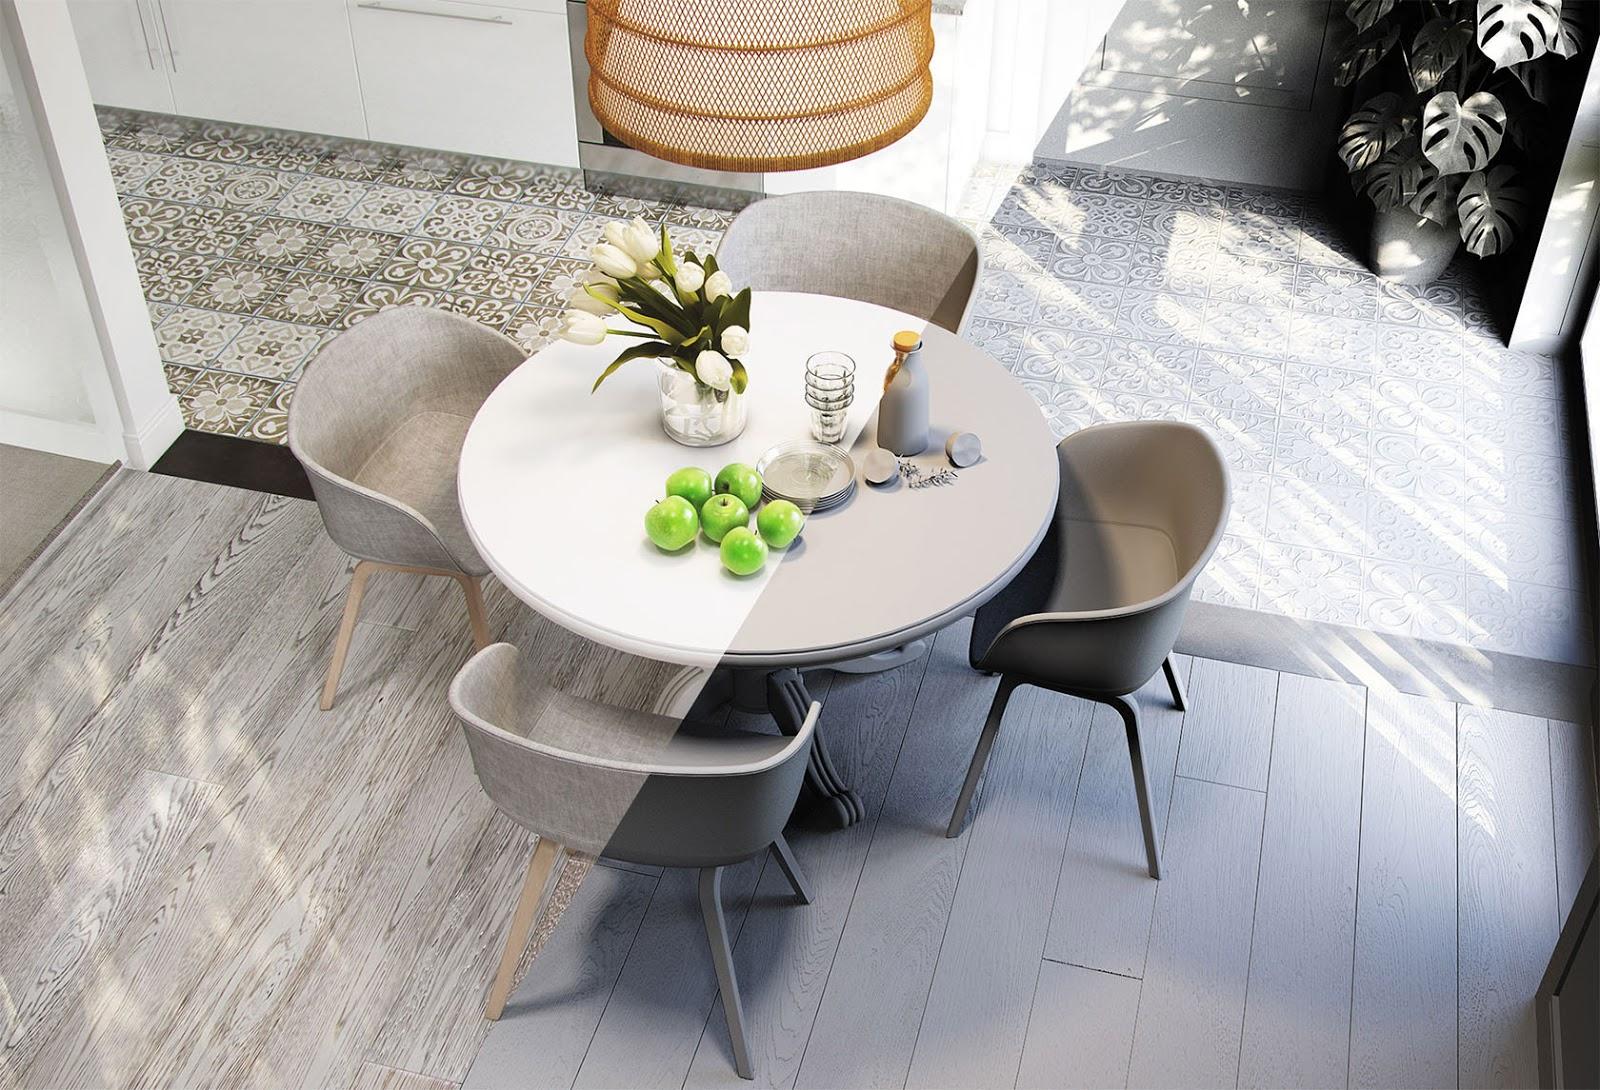 695a66cb5 Segredos do estilo escandinavo: as cadeiras de design clean ...